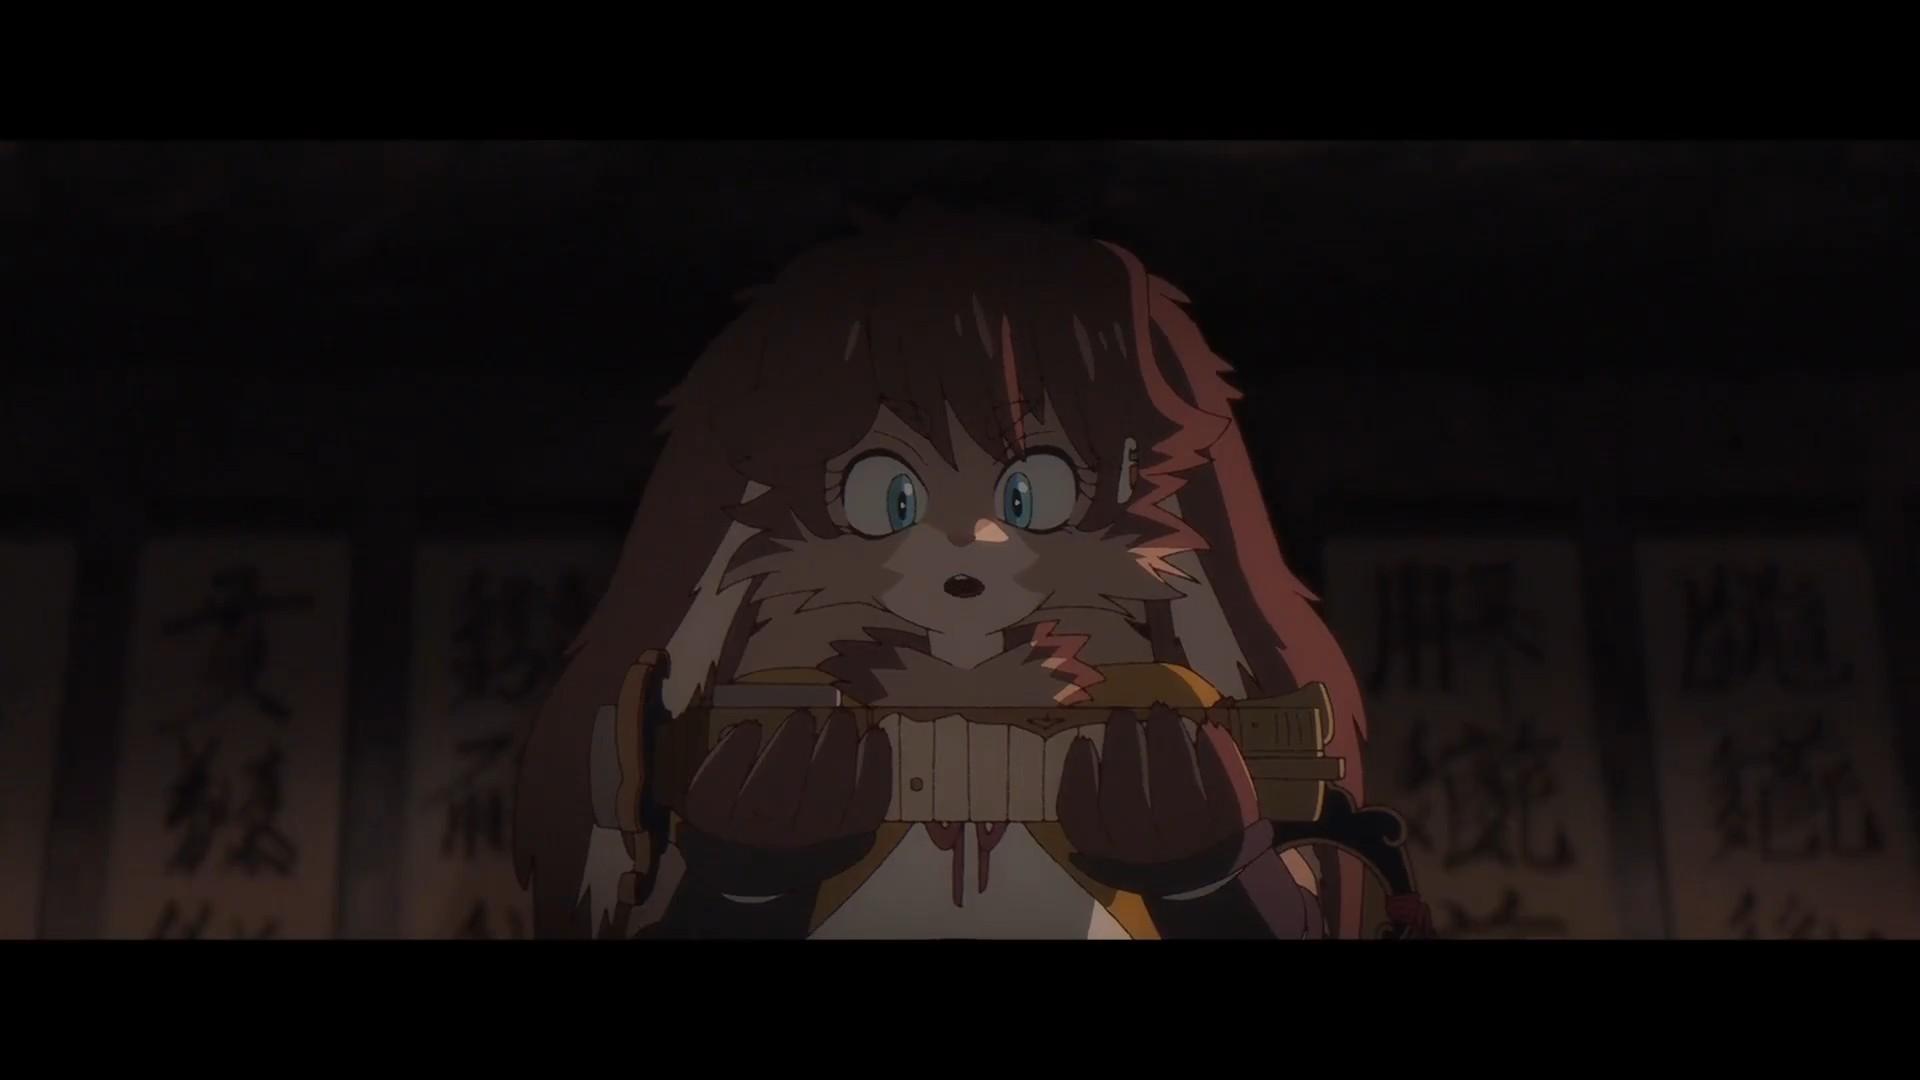 原创动画《星球大战:幻象》PV公开,9月22日播出- ACG17.COM